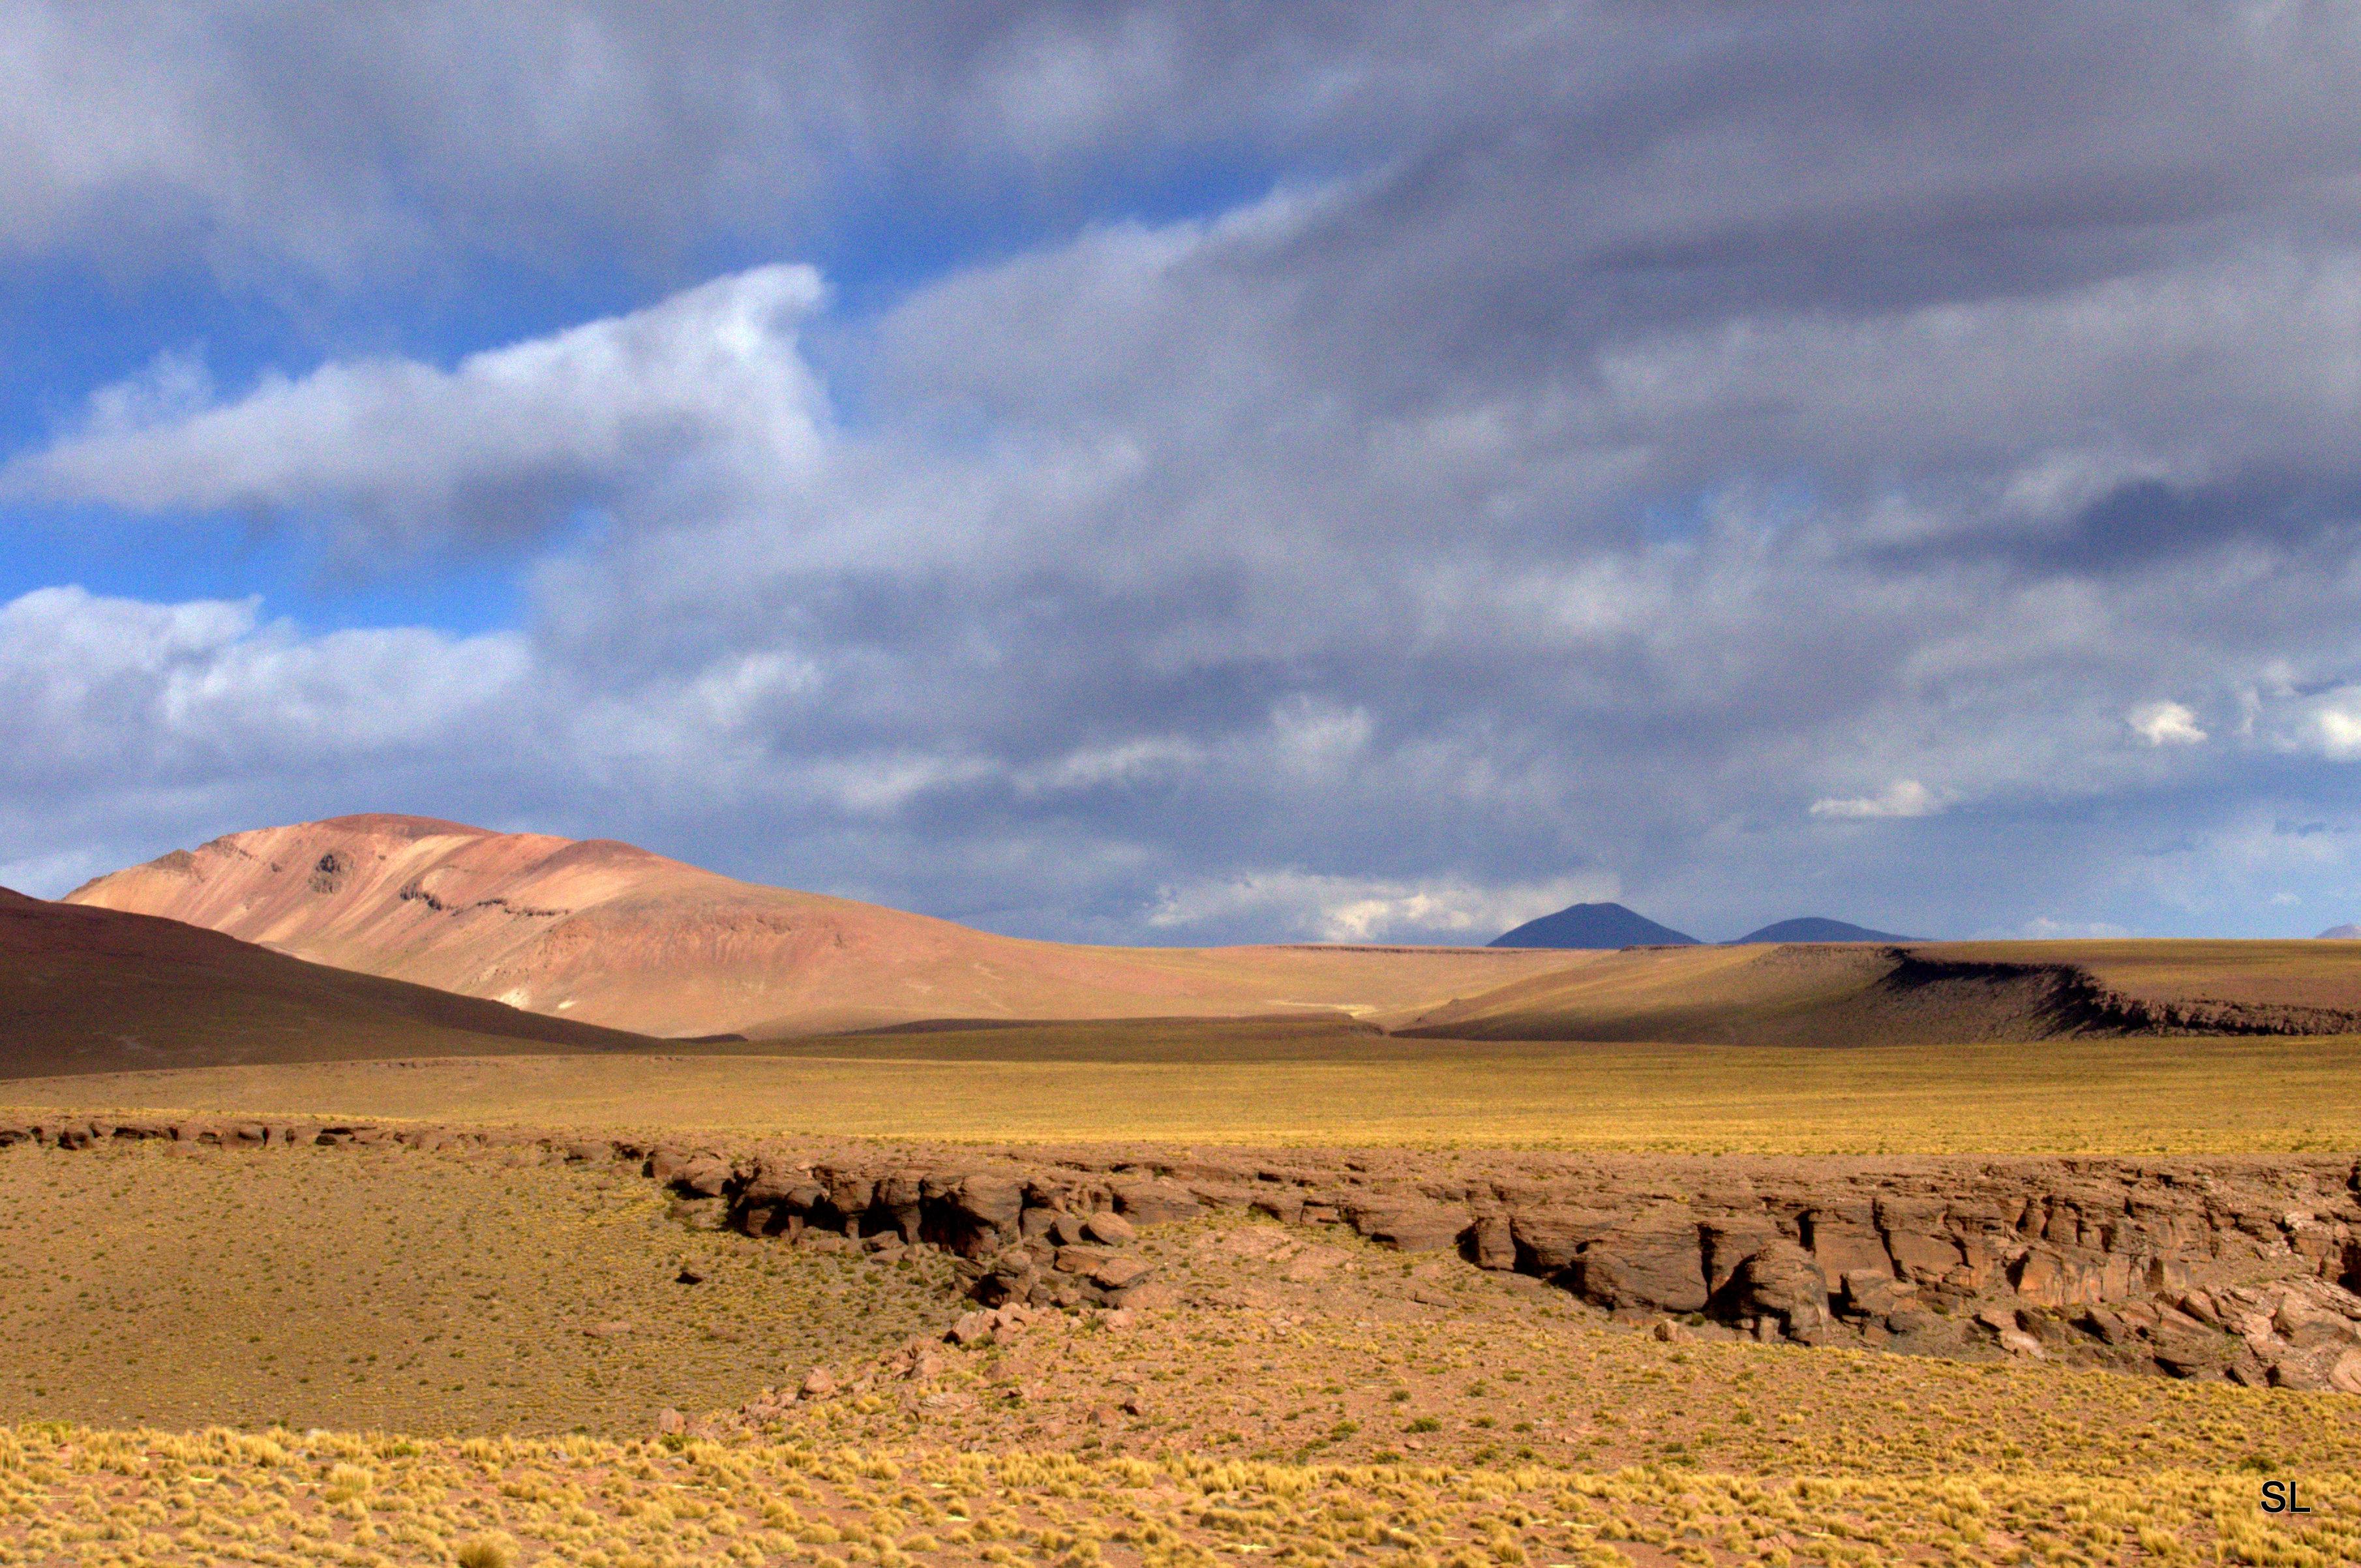 Sol de Manana